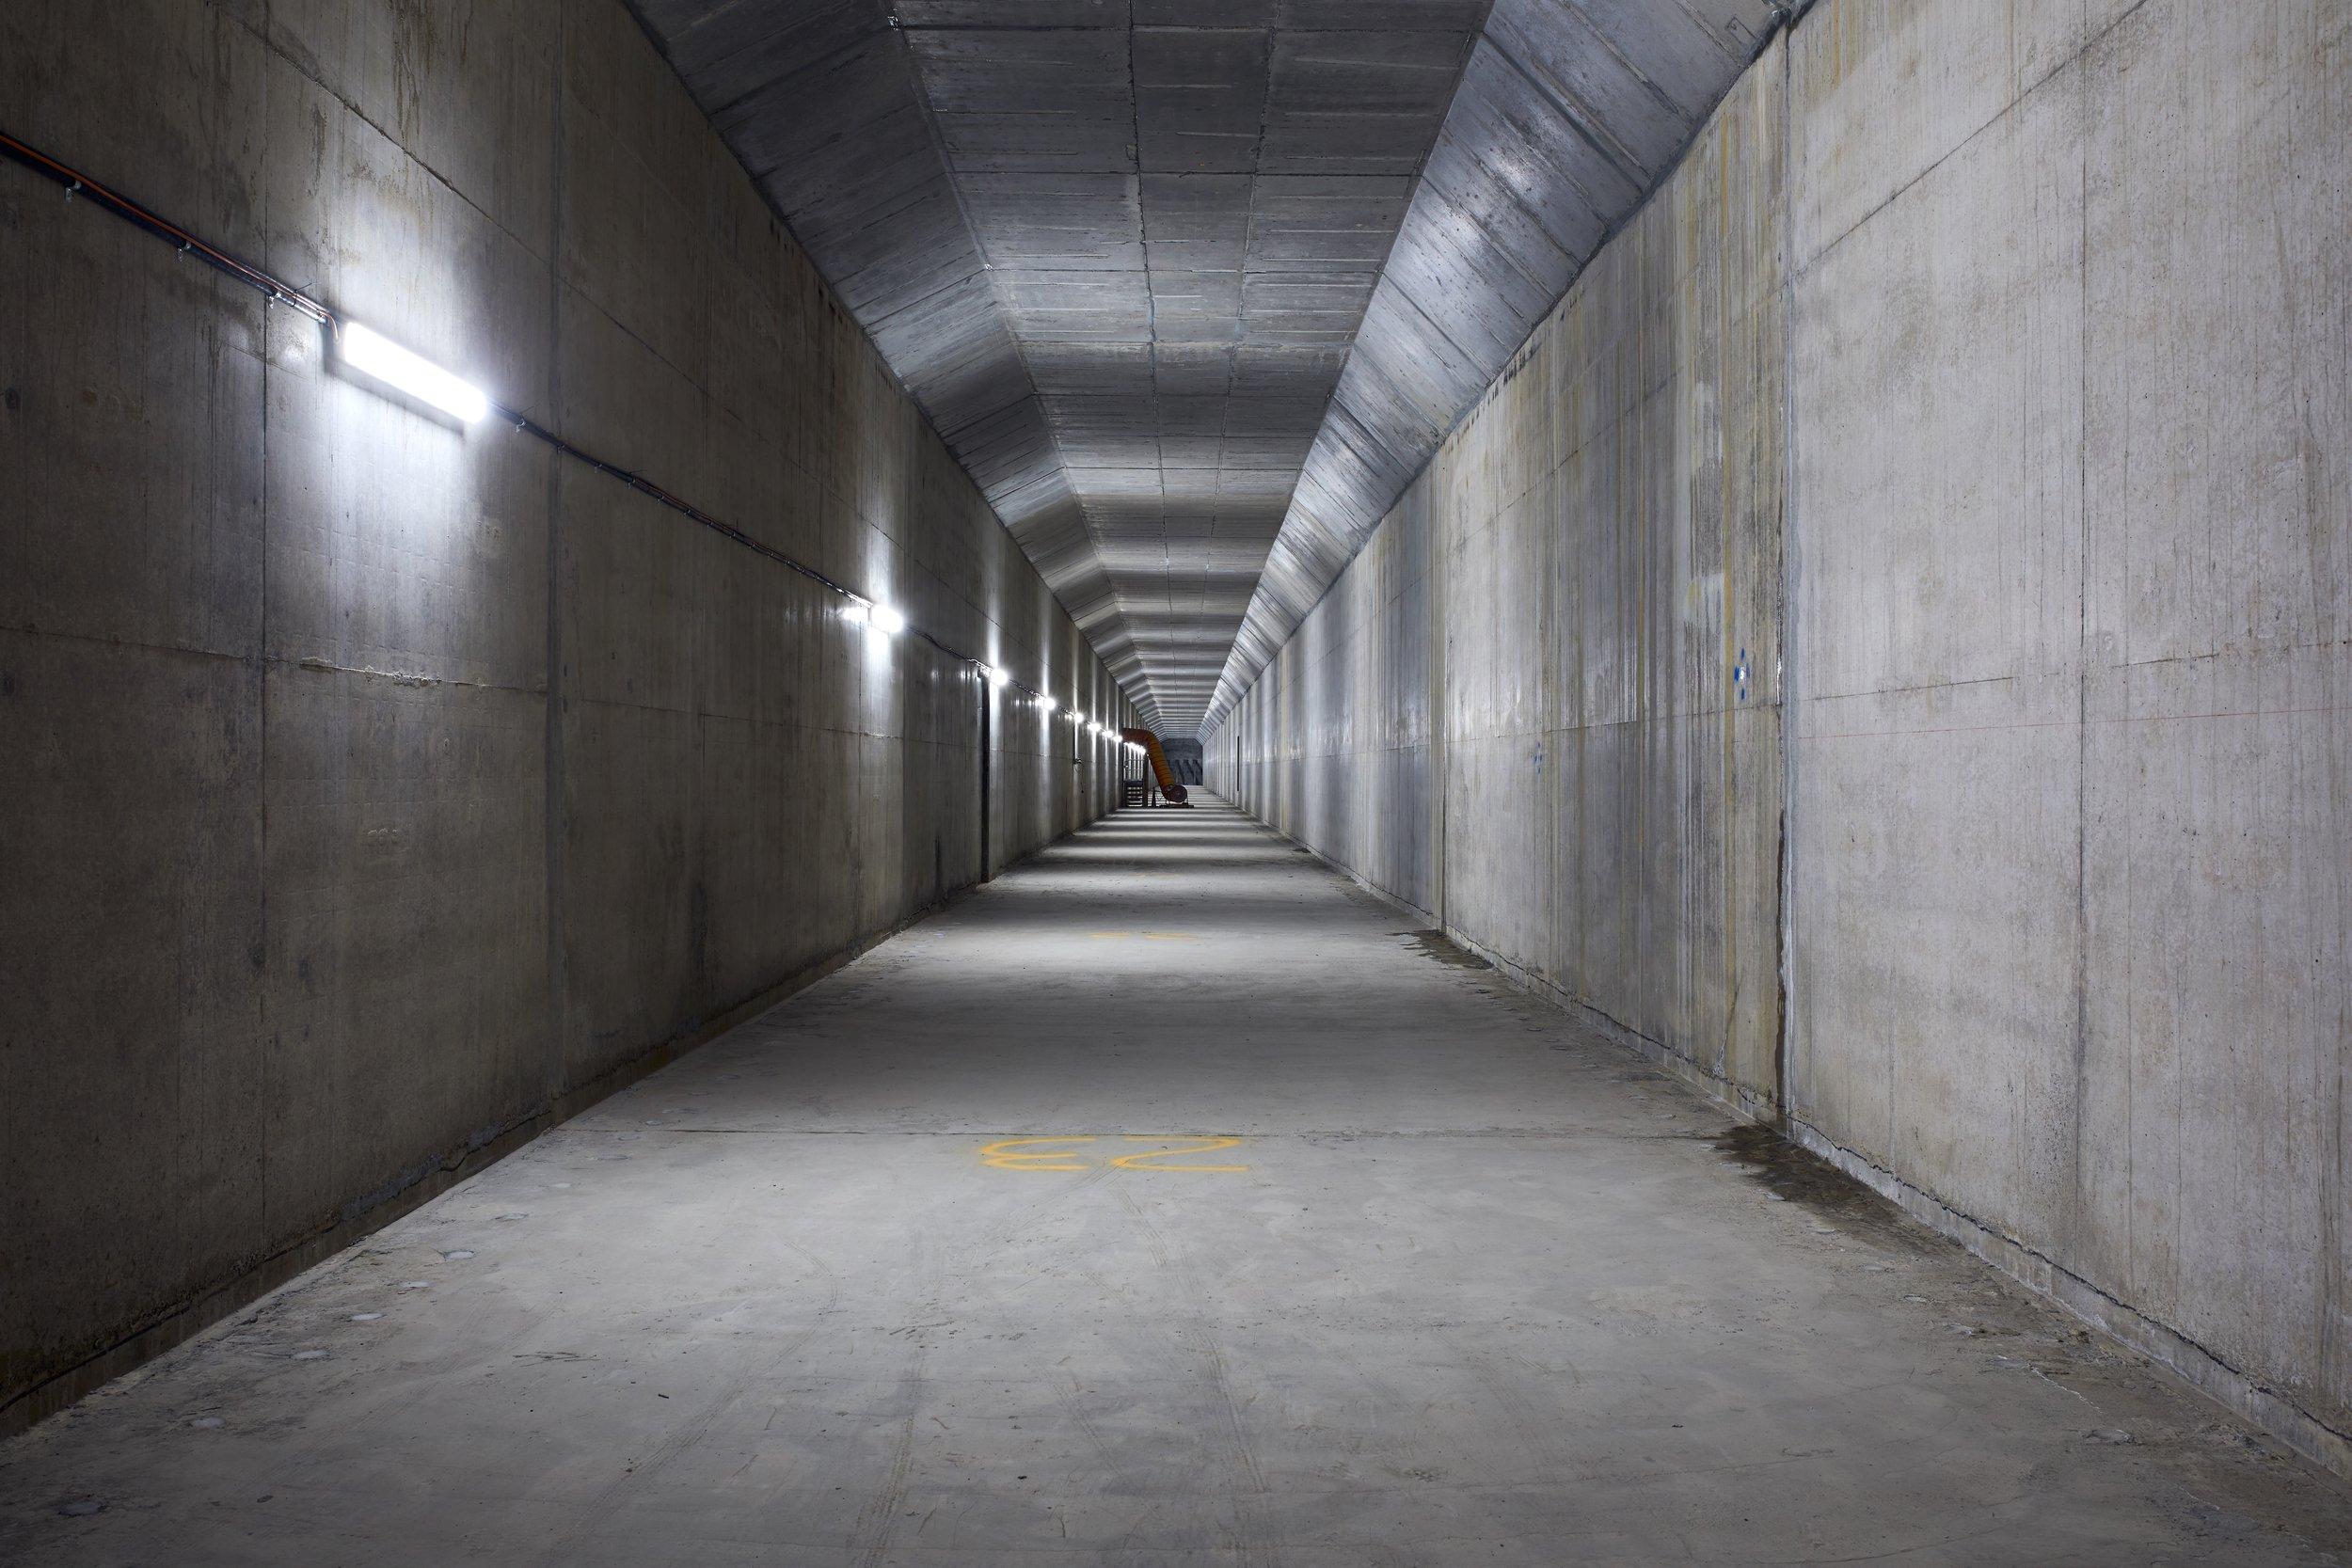 Albert St tunnels June 19 2019